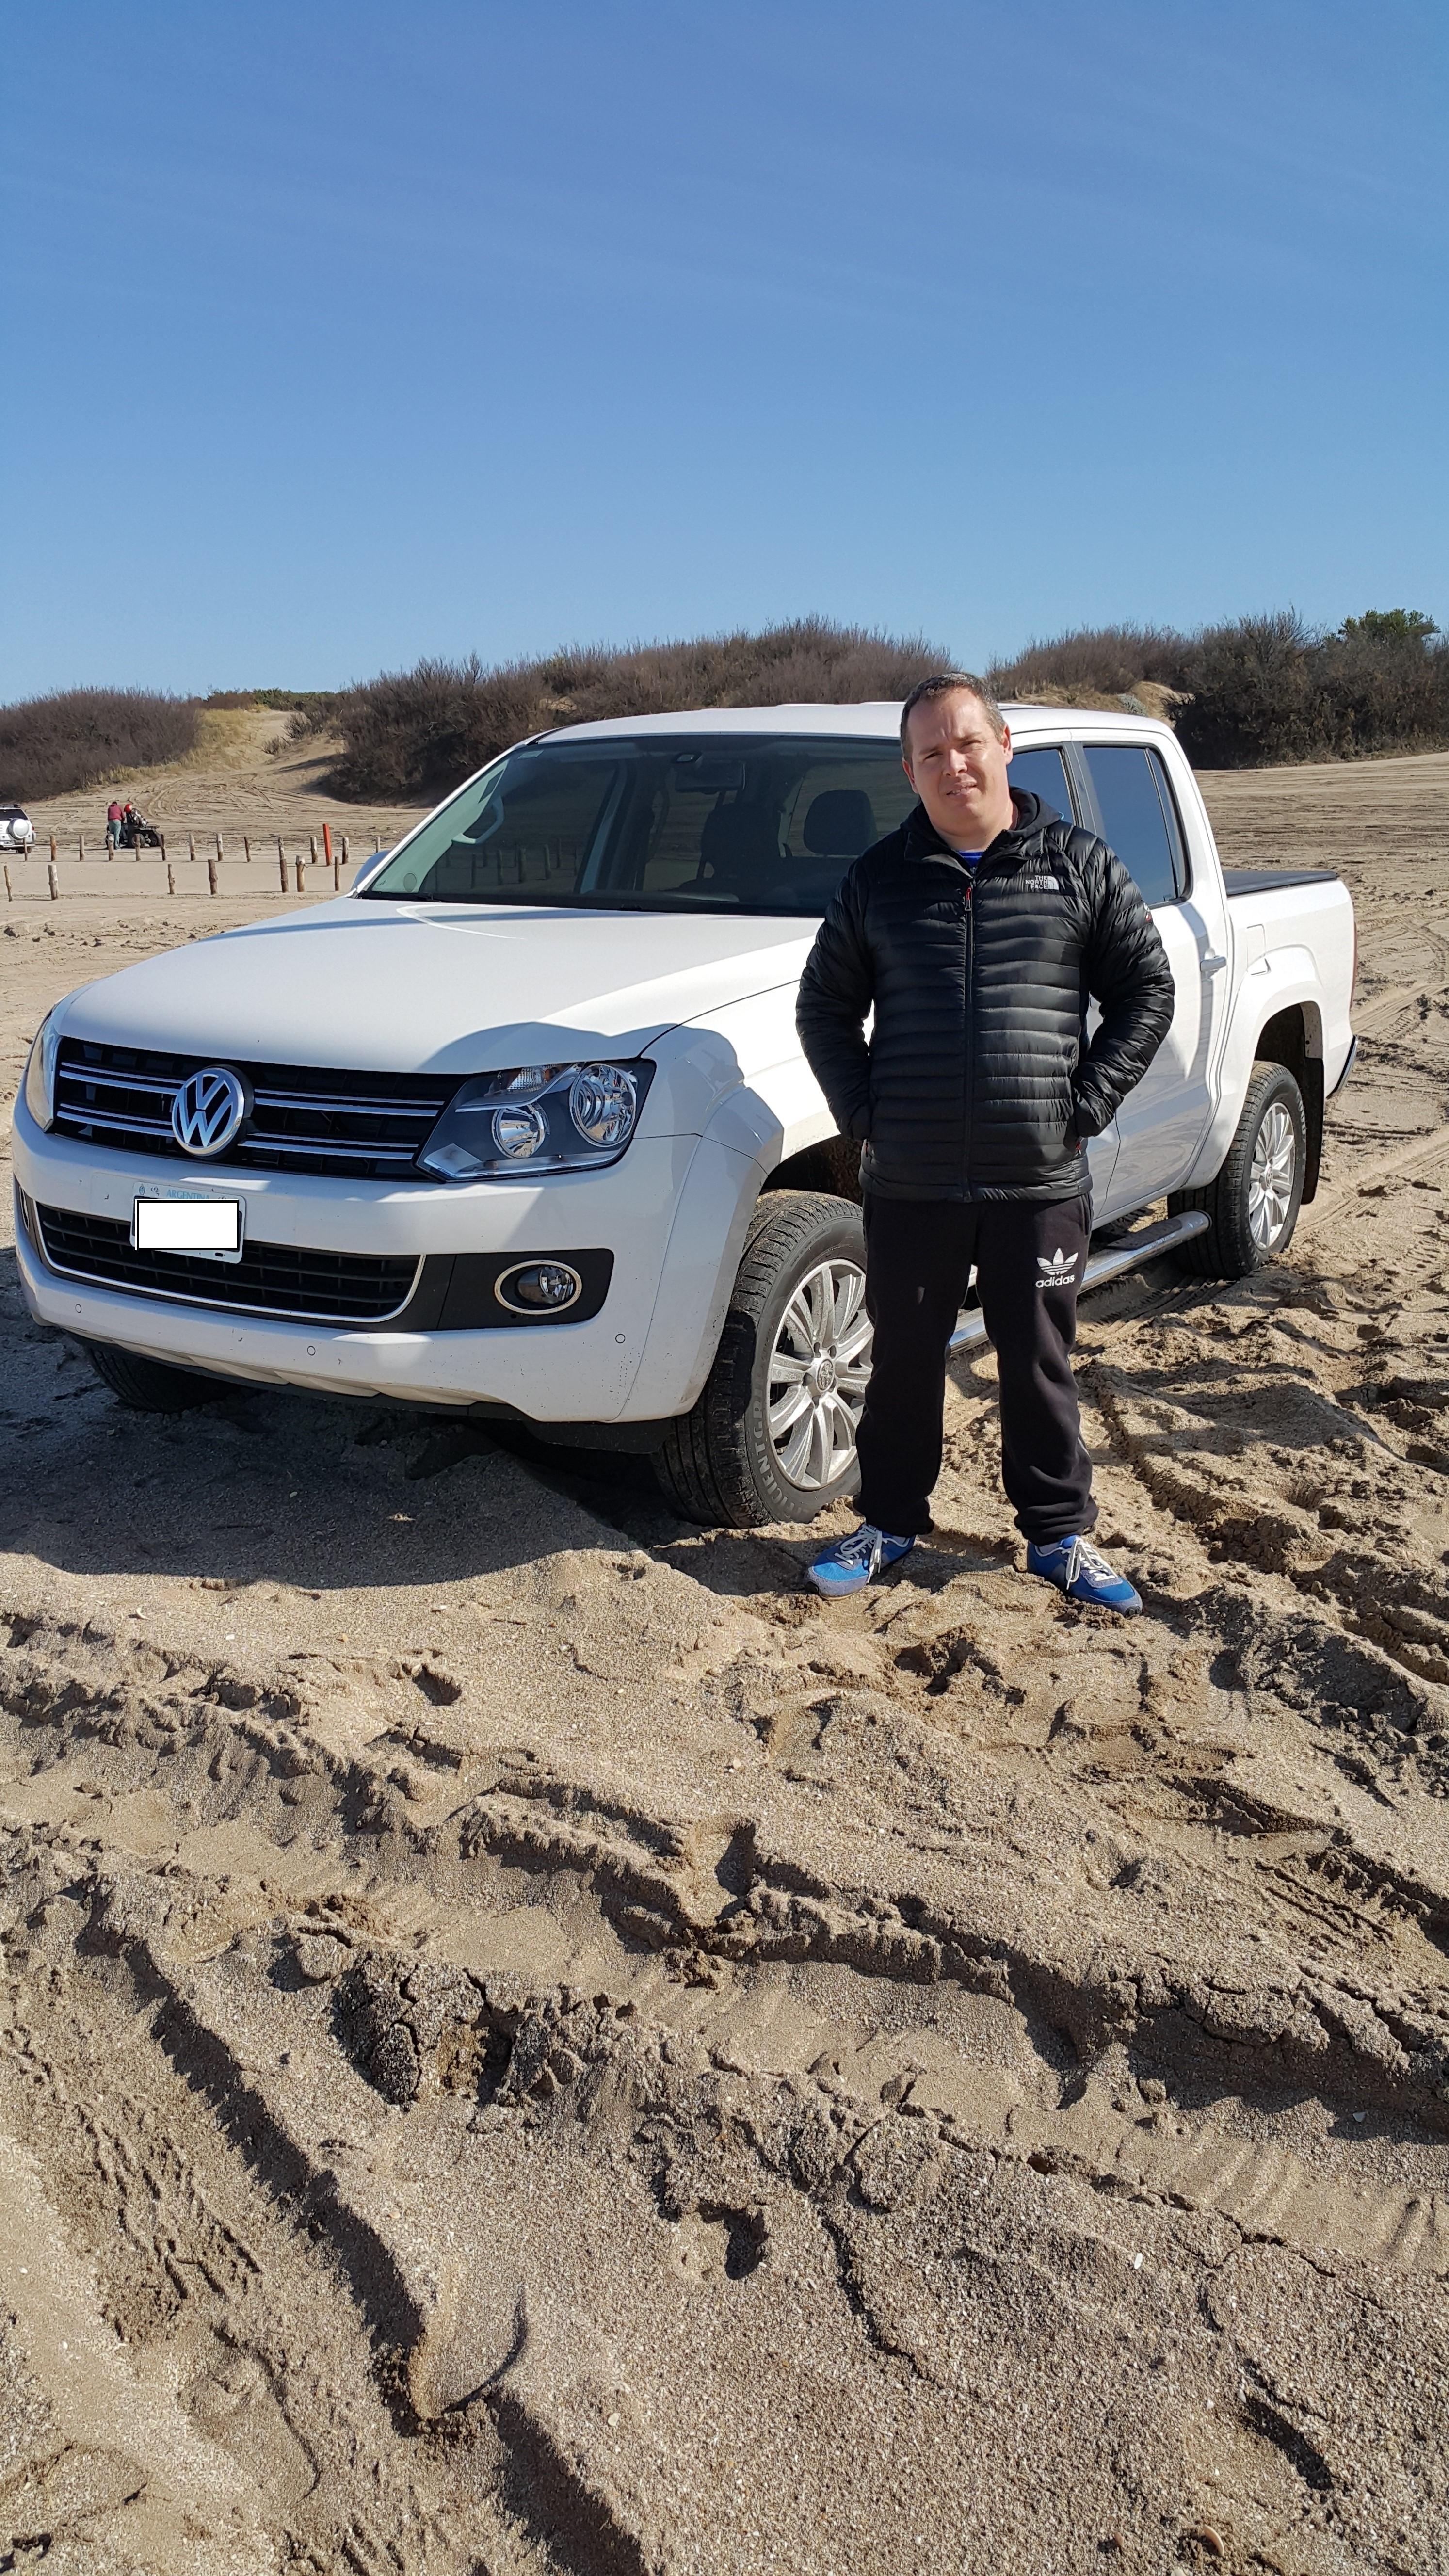 91510dad1c Club de Amigos Volkswagen Amarok - FORO 4x4